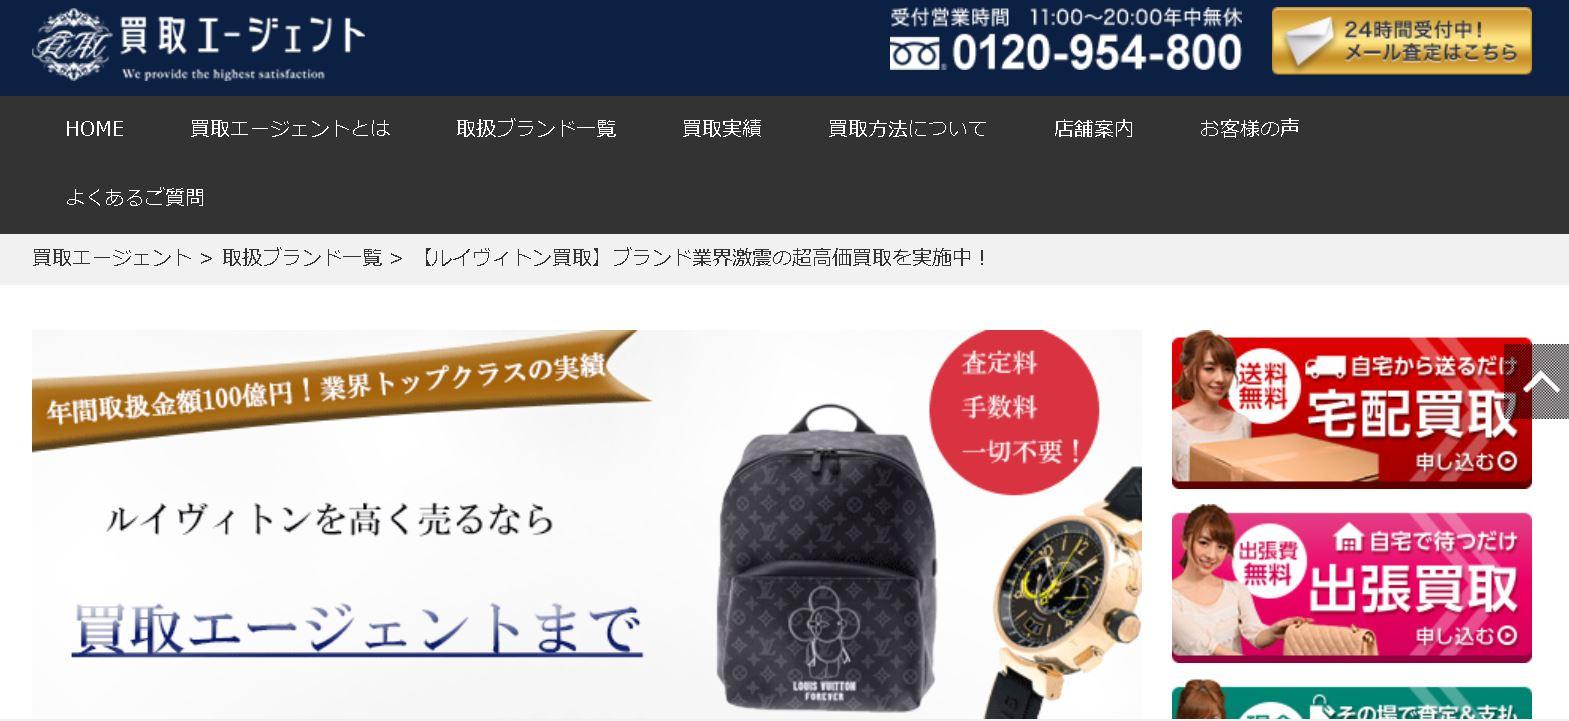 大切なLouis Vuitton(ルイヴィトン)を売るなら「買取エージェント」のイメージ画像